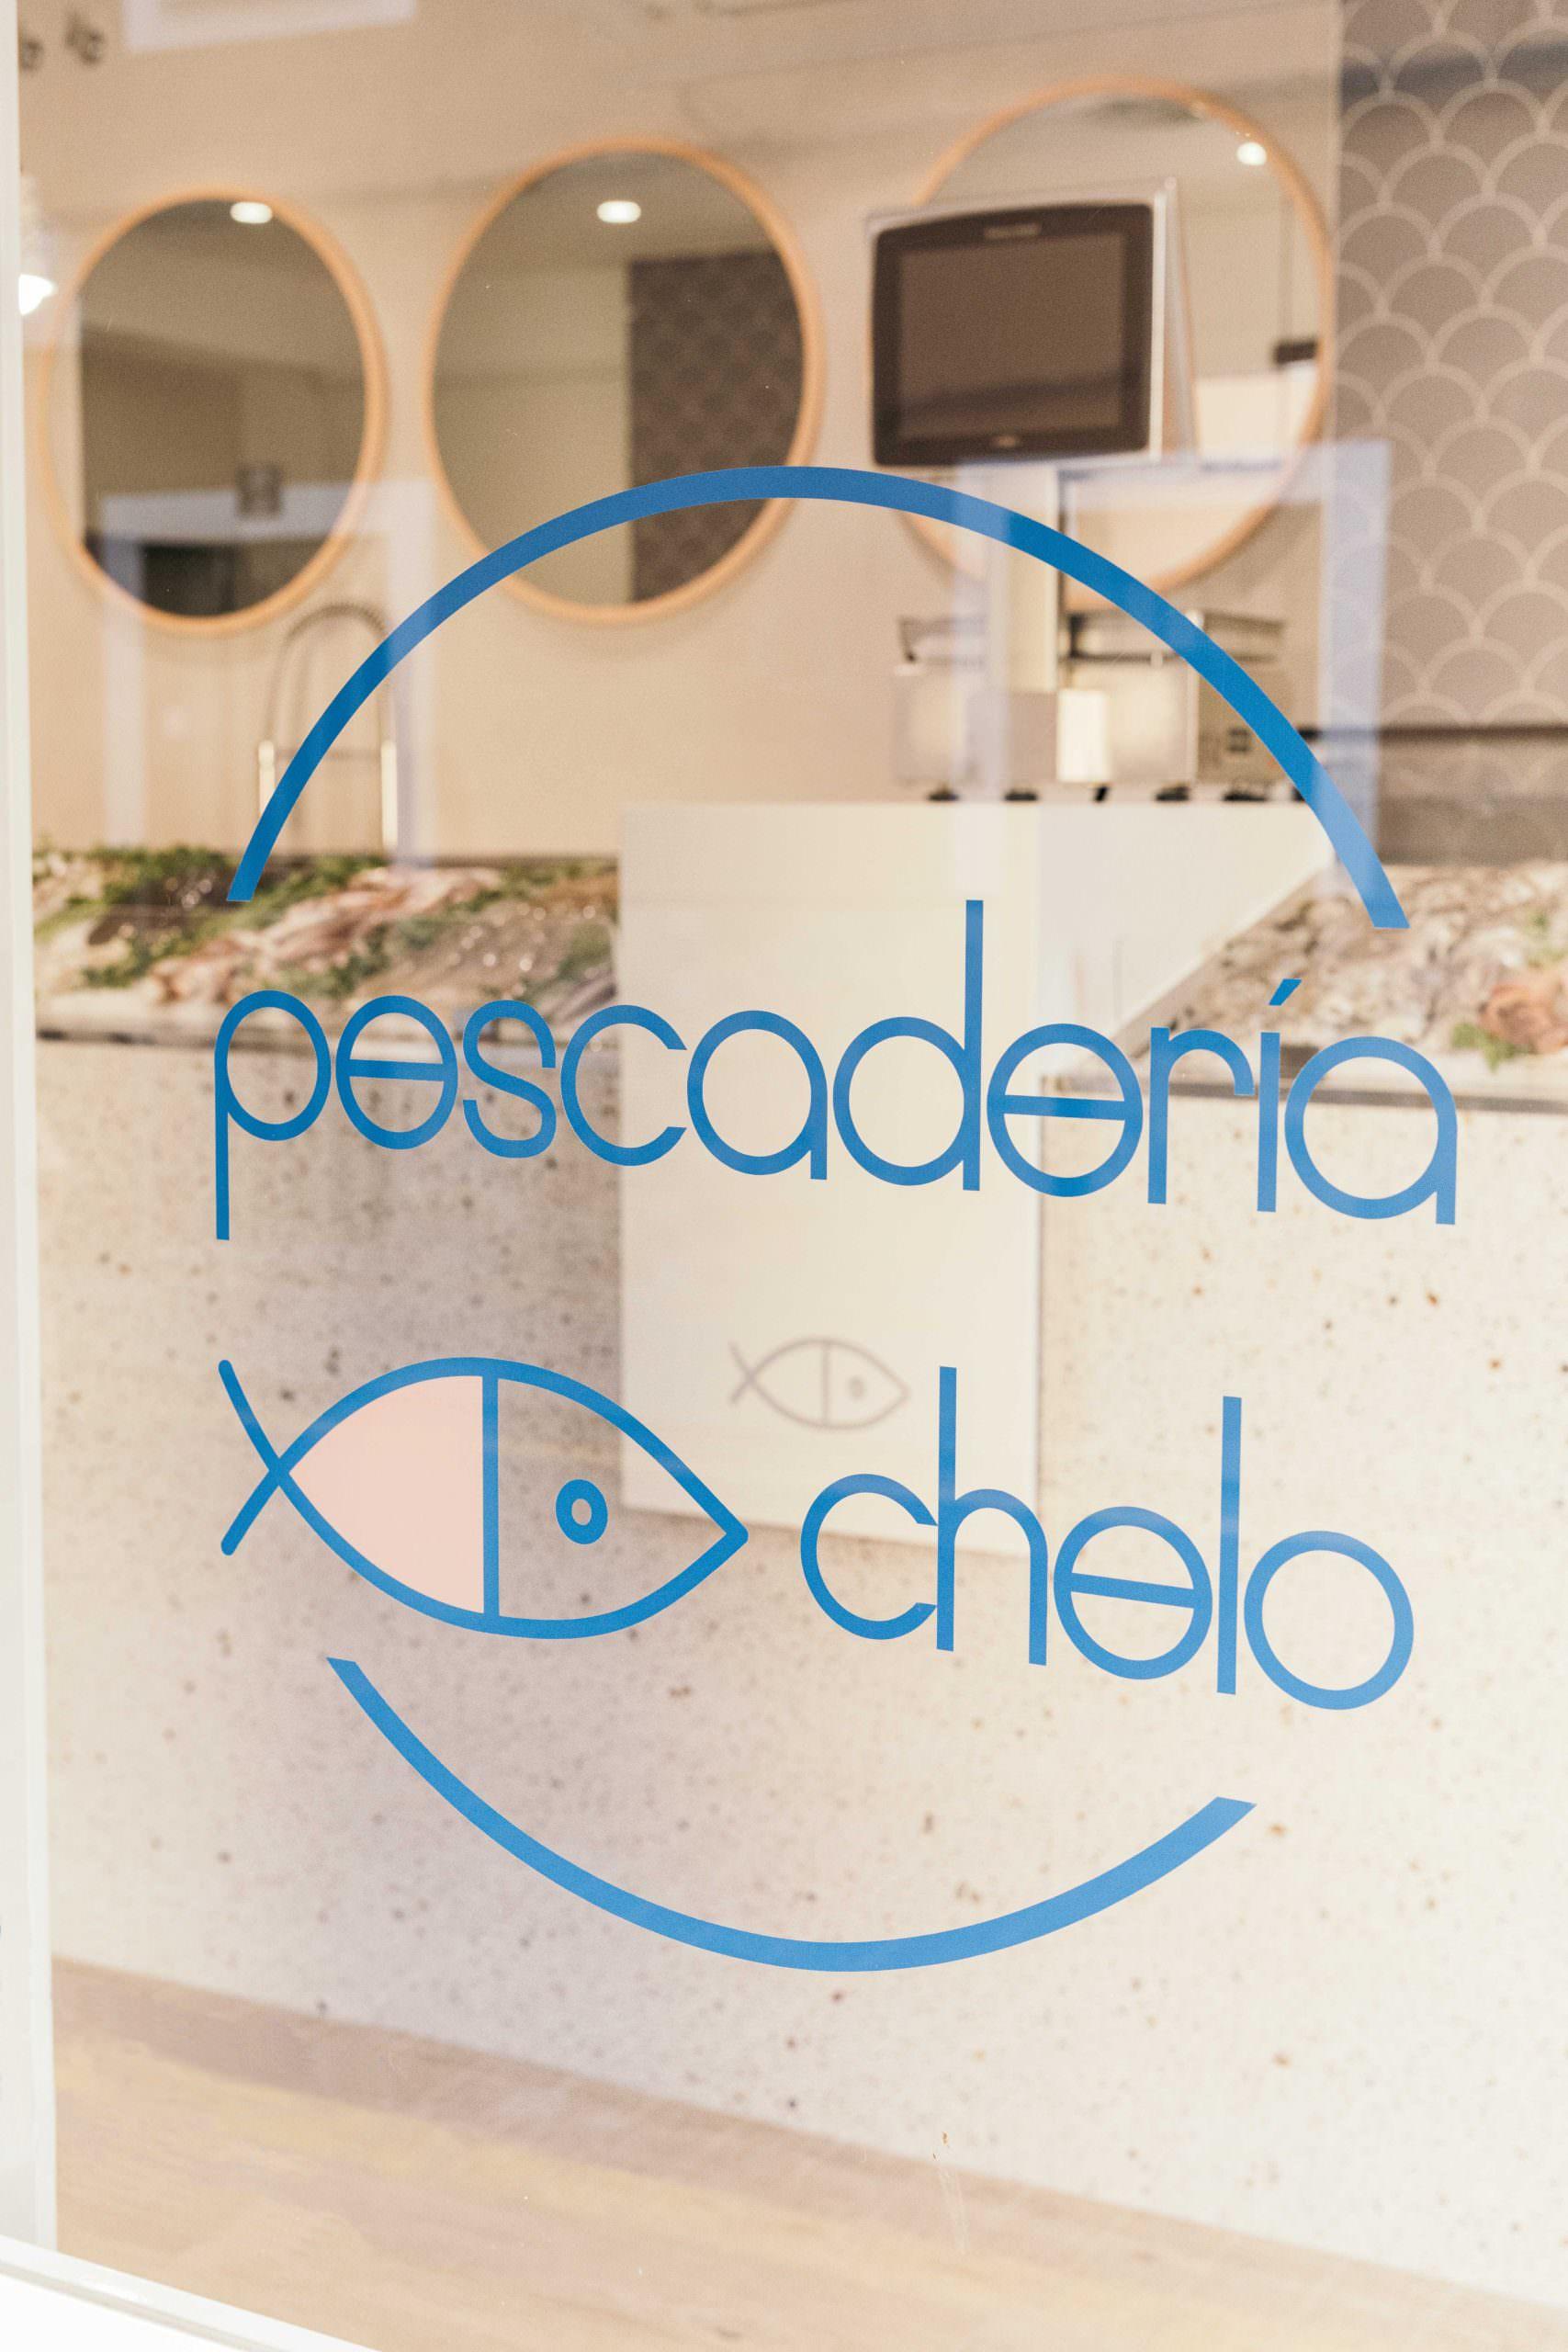 Logo nuevo y divertido respetando el nombre